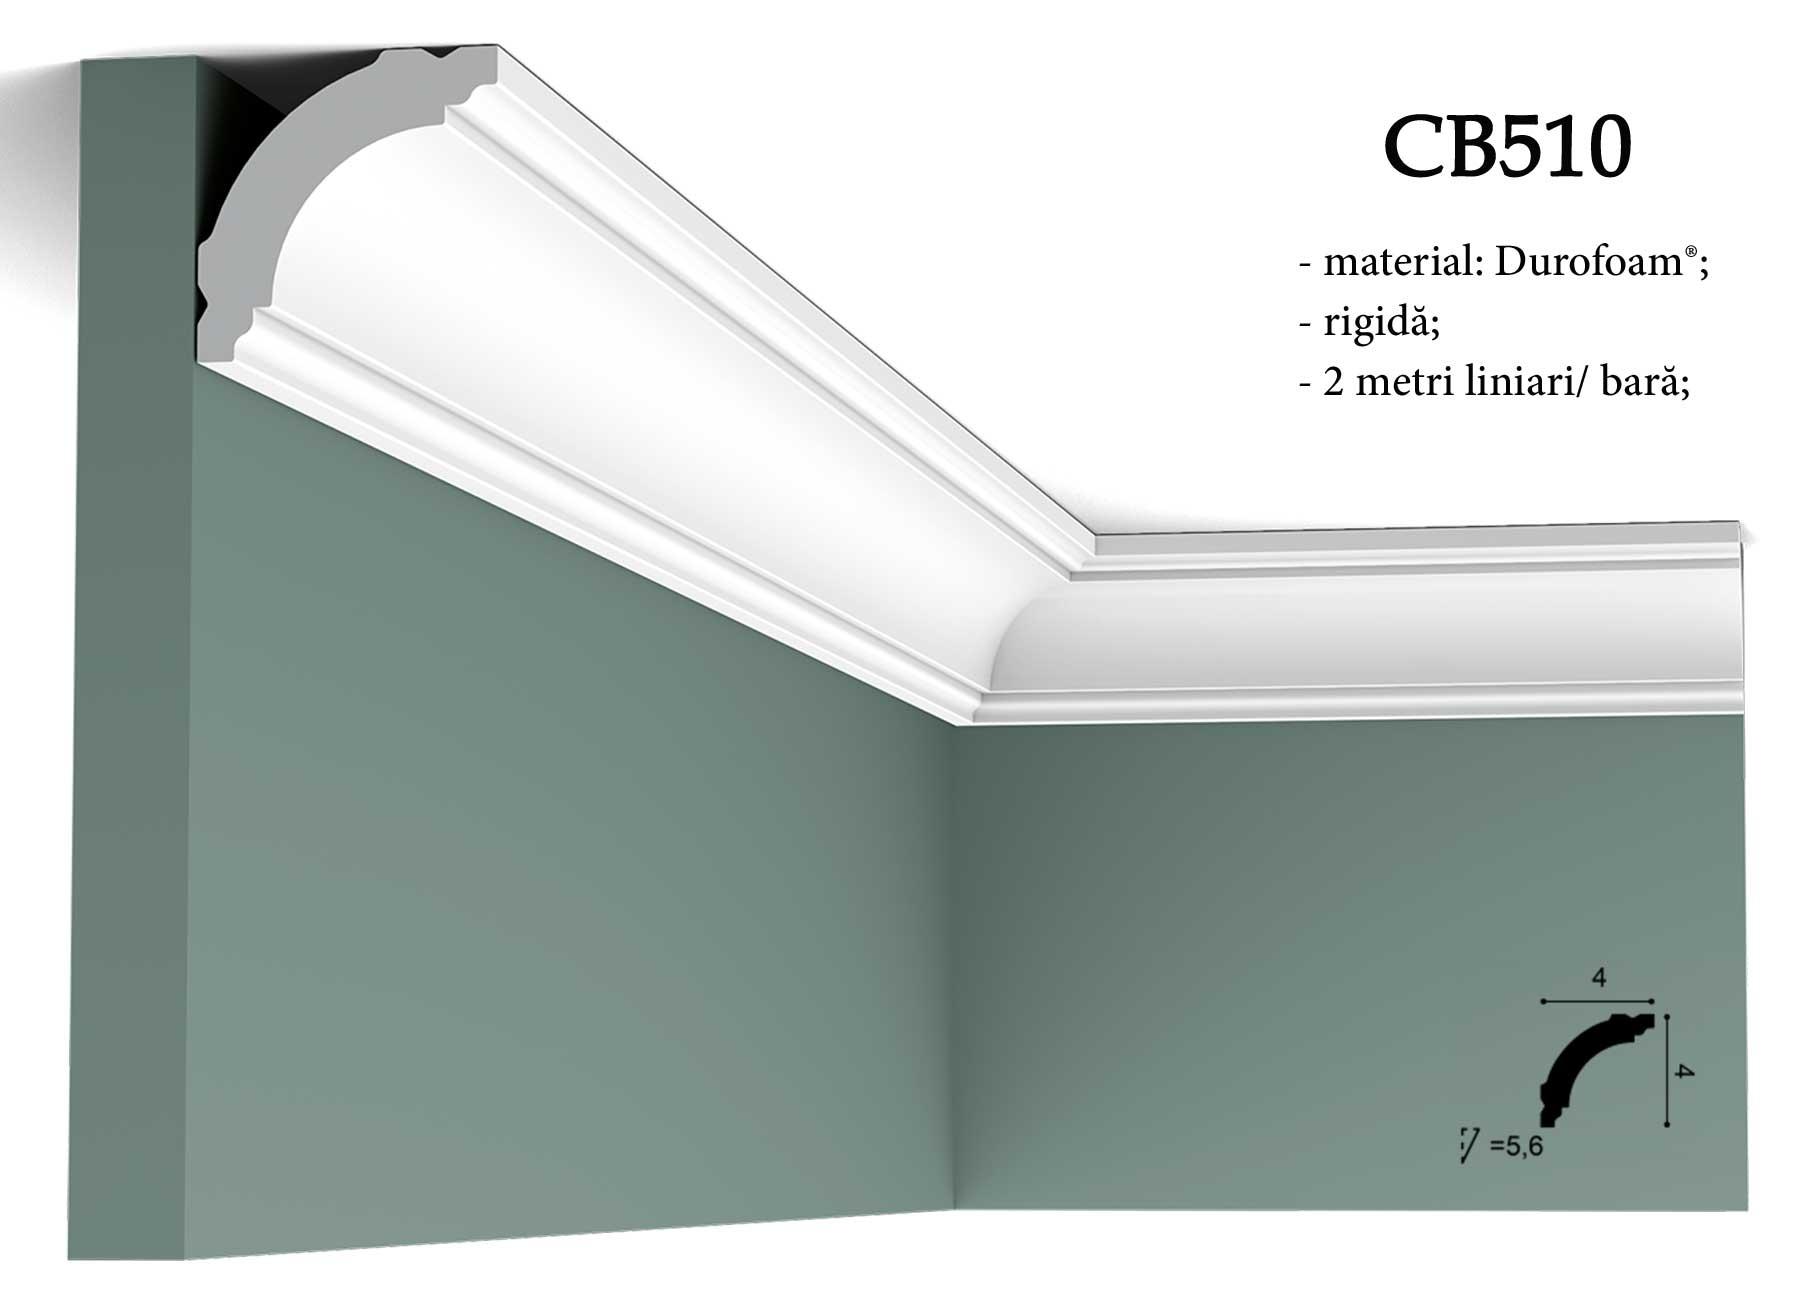 Cornisa CB510 decorativa pentru tavan Orac Decor.